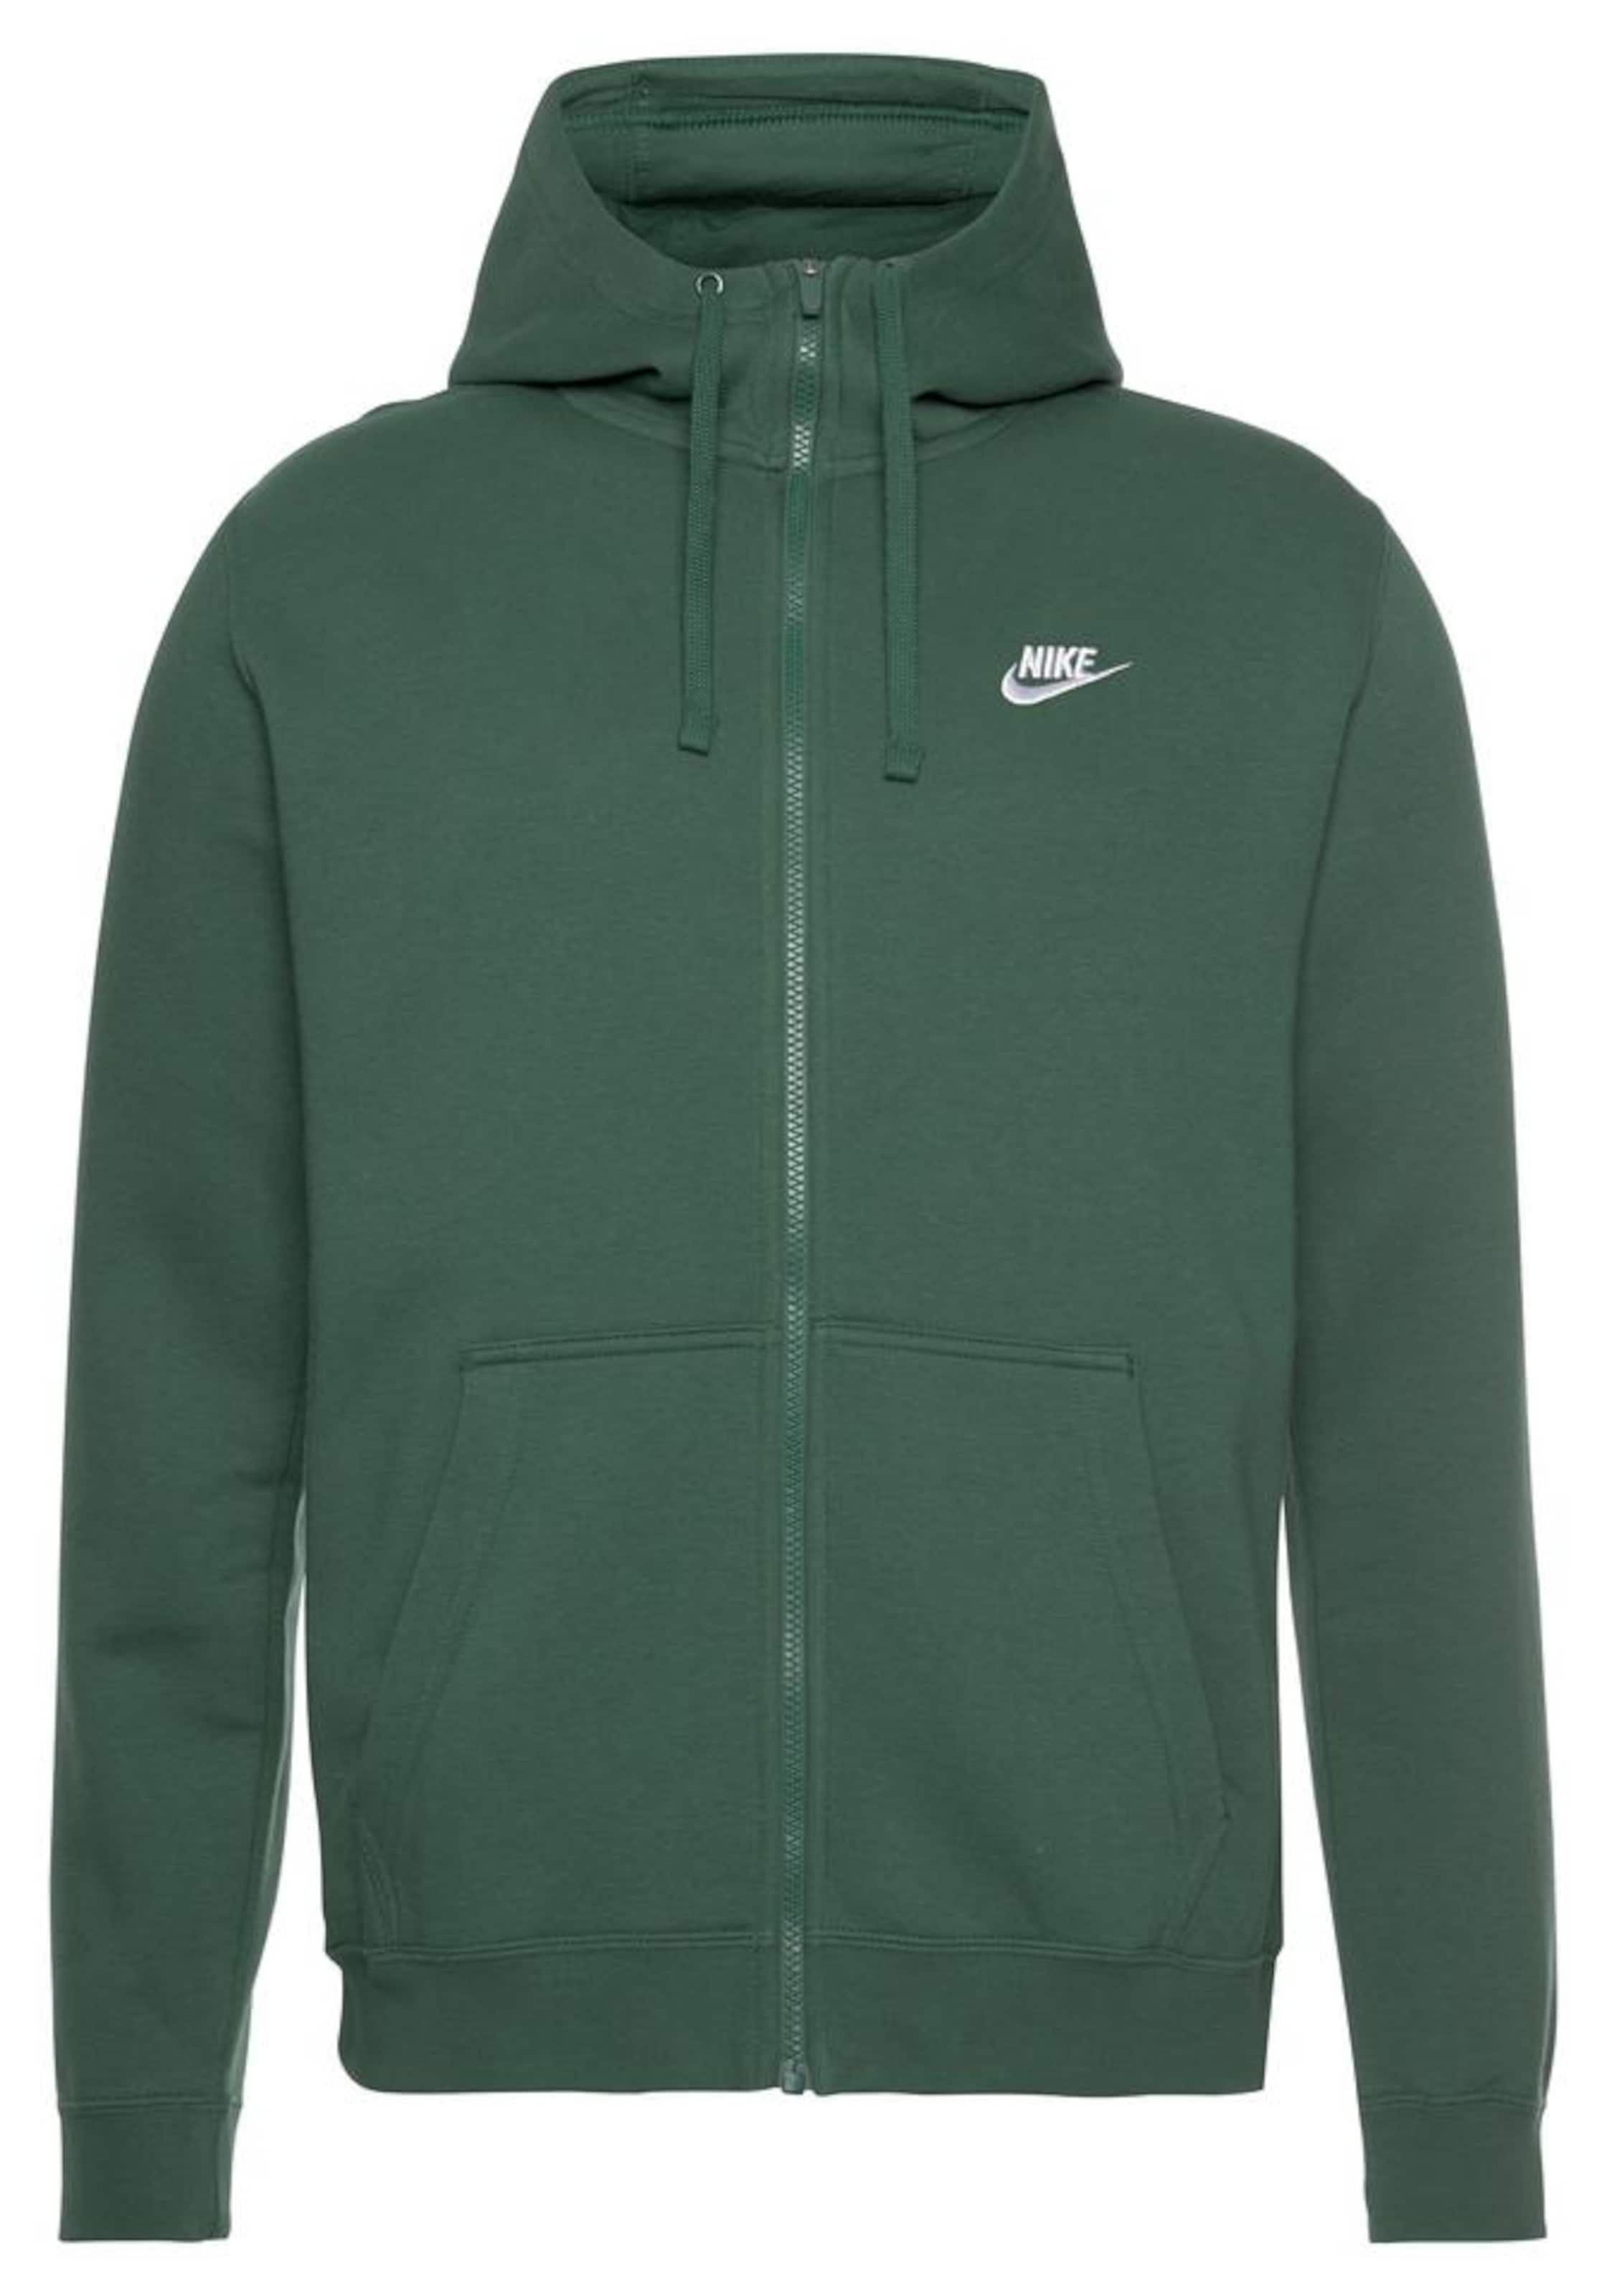 Sweatshirt Nike Smaragd Sportswear In Qrdsht